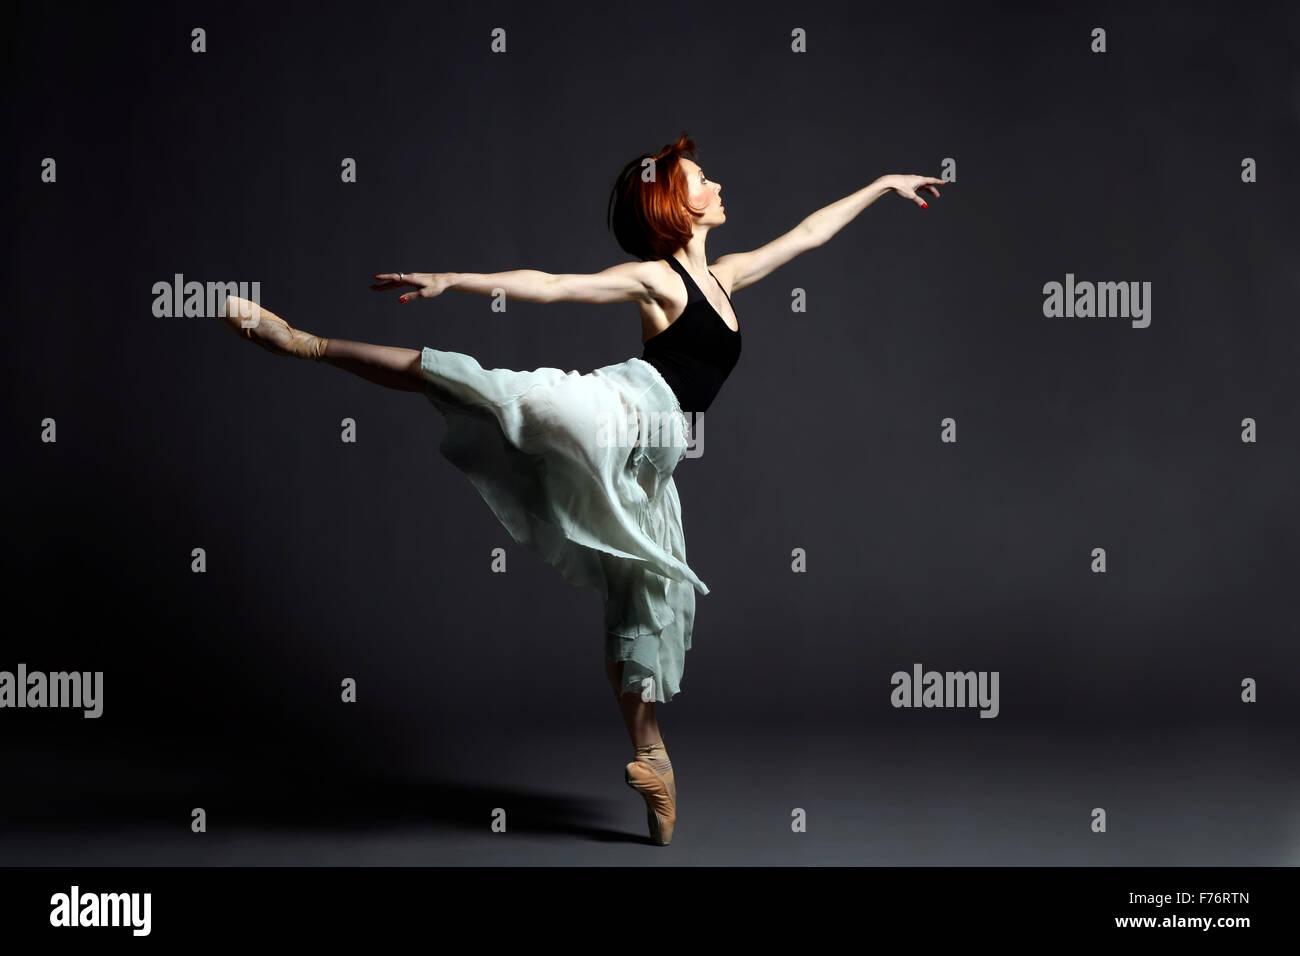 Ballett-Tänzerin auf der Bühne Stockbild